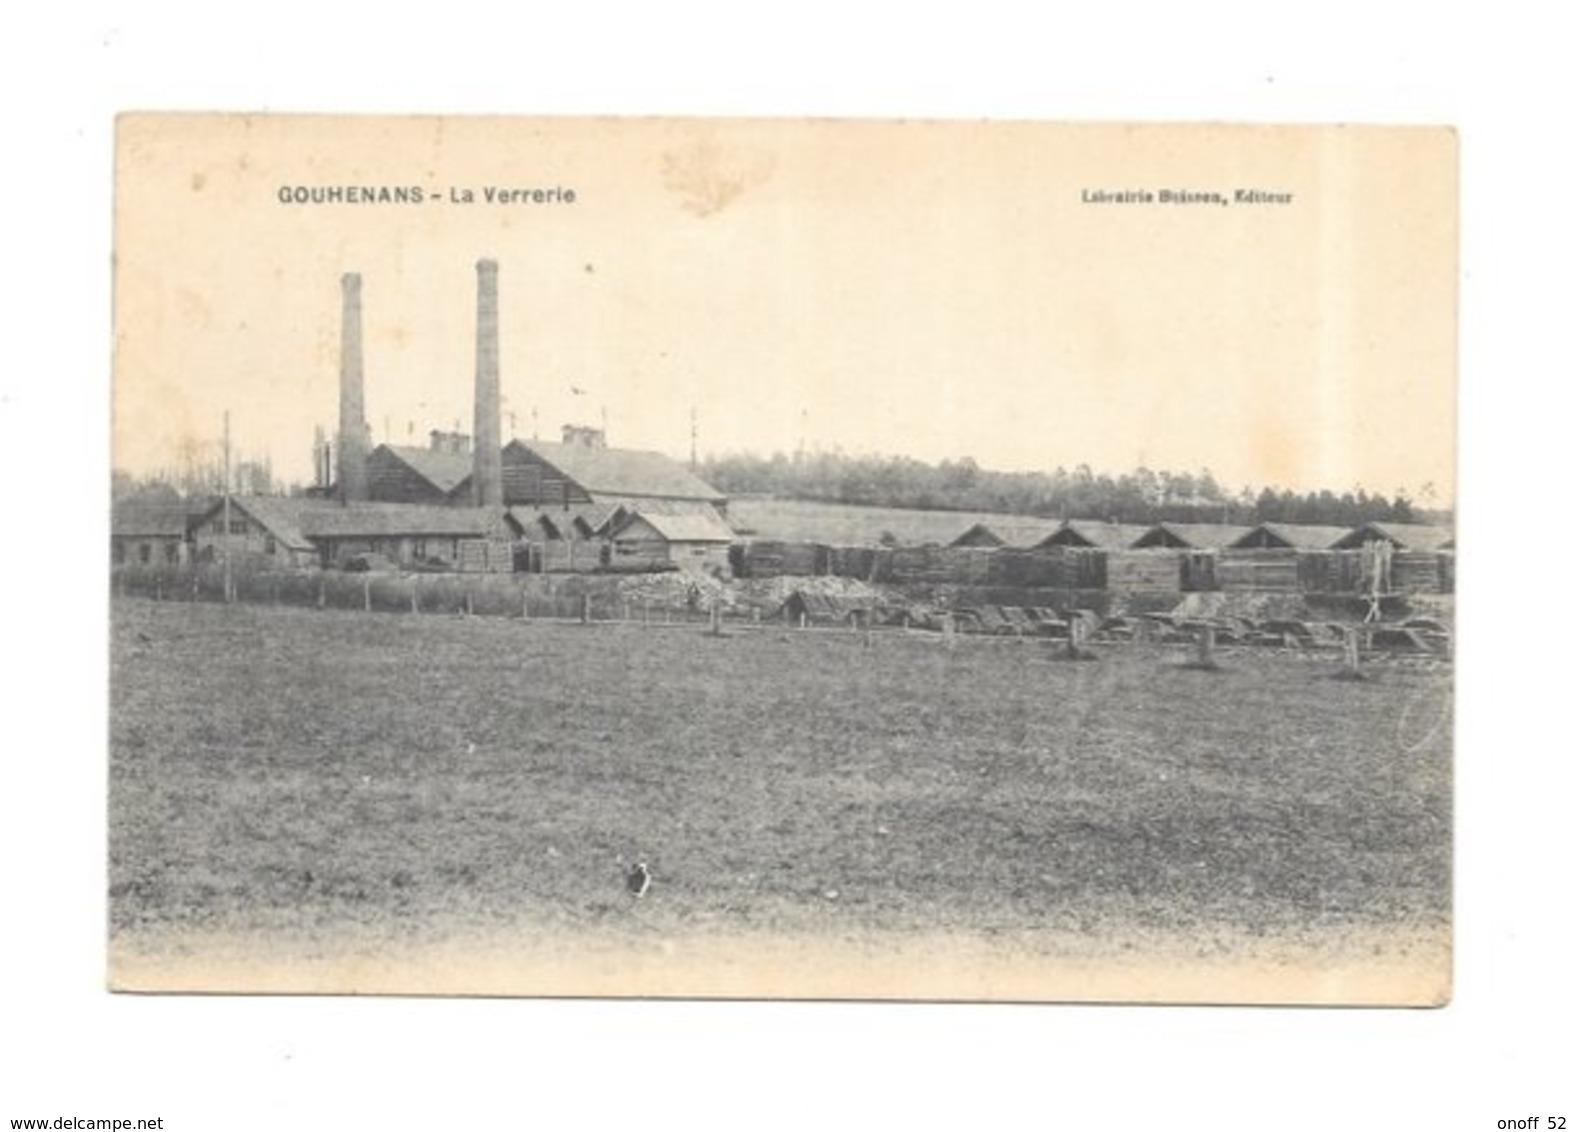 GOUHENANS LA VERRERIE - France